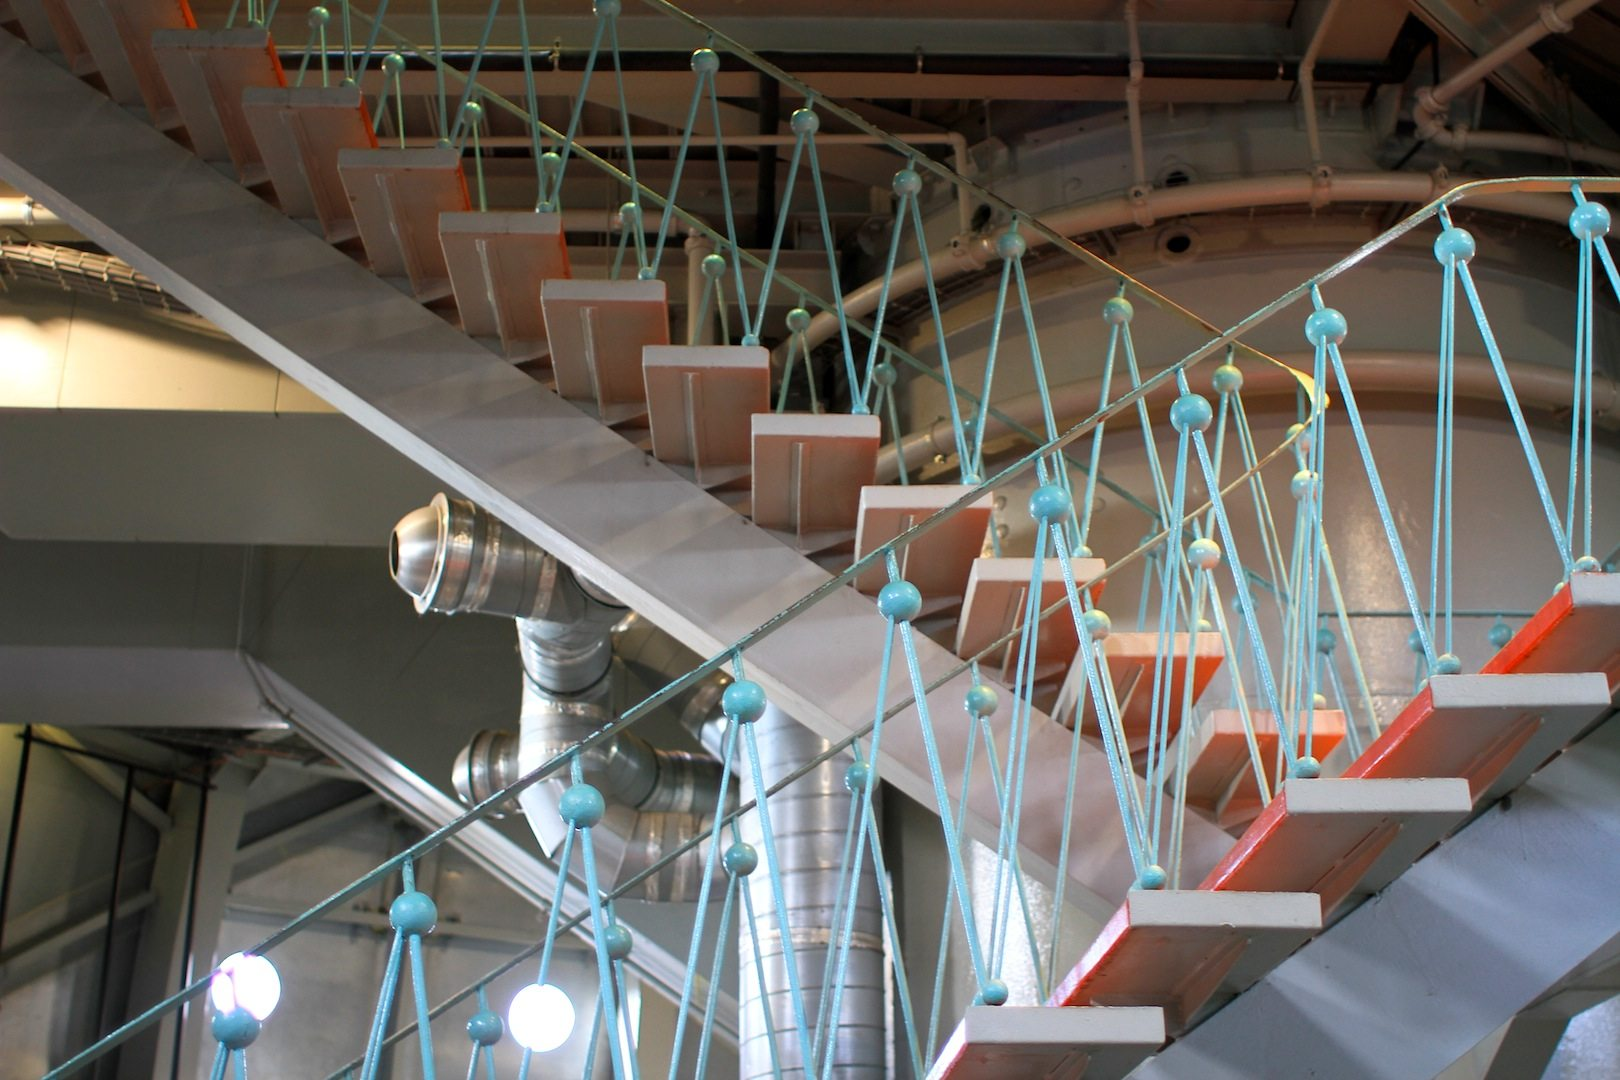 Rot-Türkis. Atomkerne als Markenzeichen der Treppen und Geländer